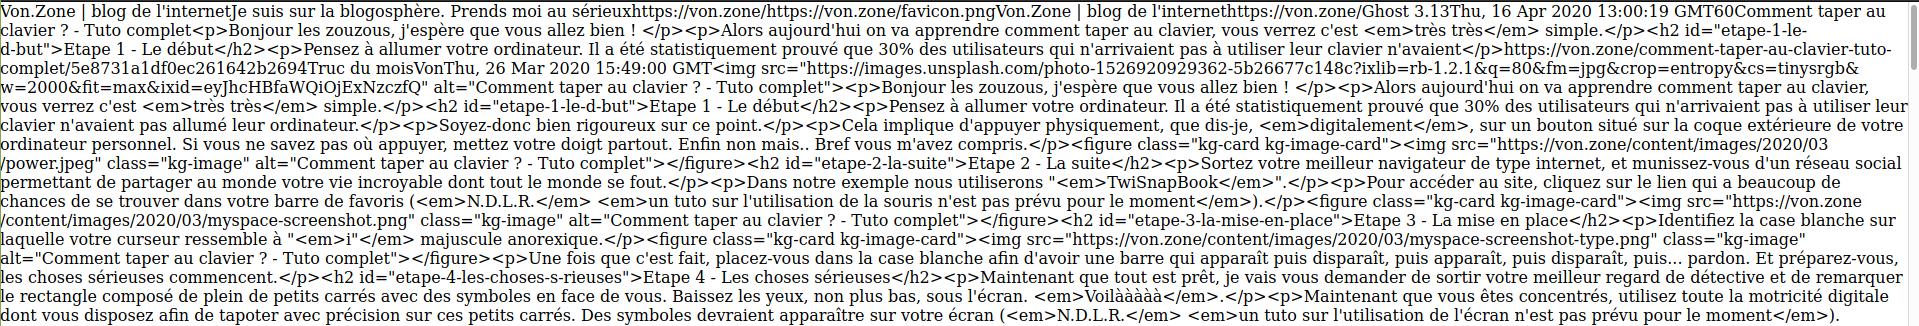 exemple du format RSS, on voit plein de balises HTML et plein de texte correspondant aux articles du blog